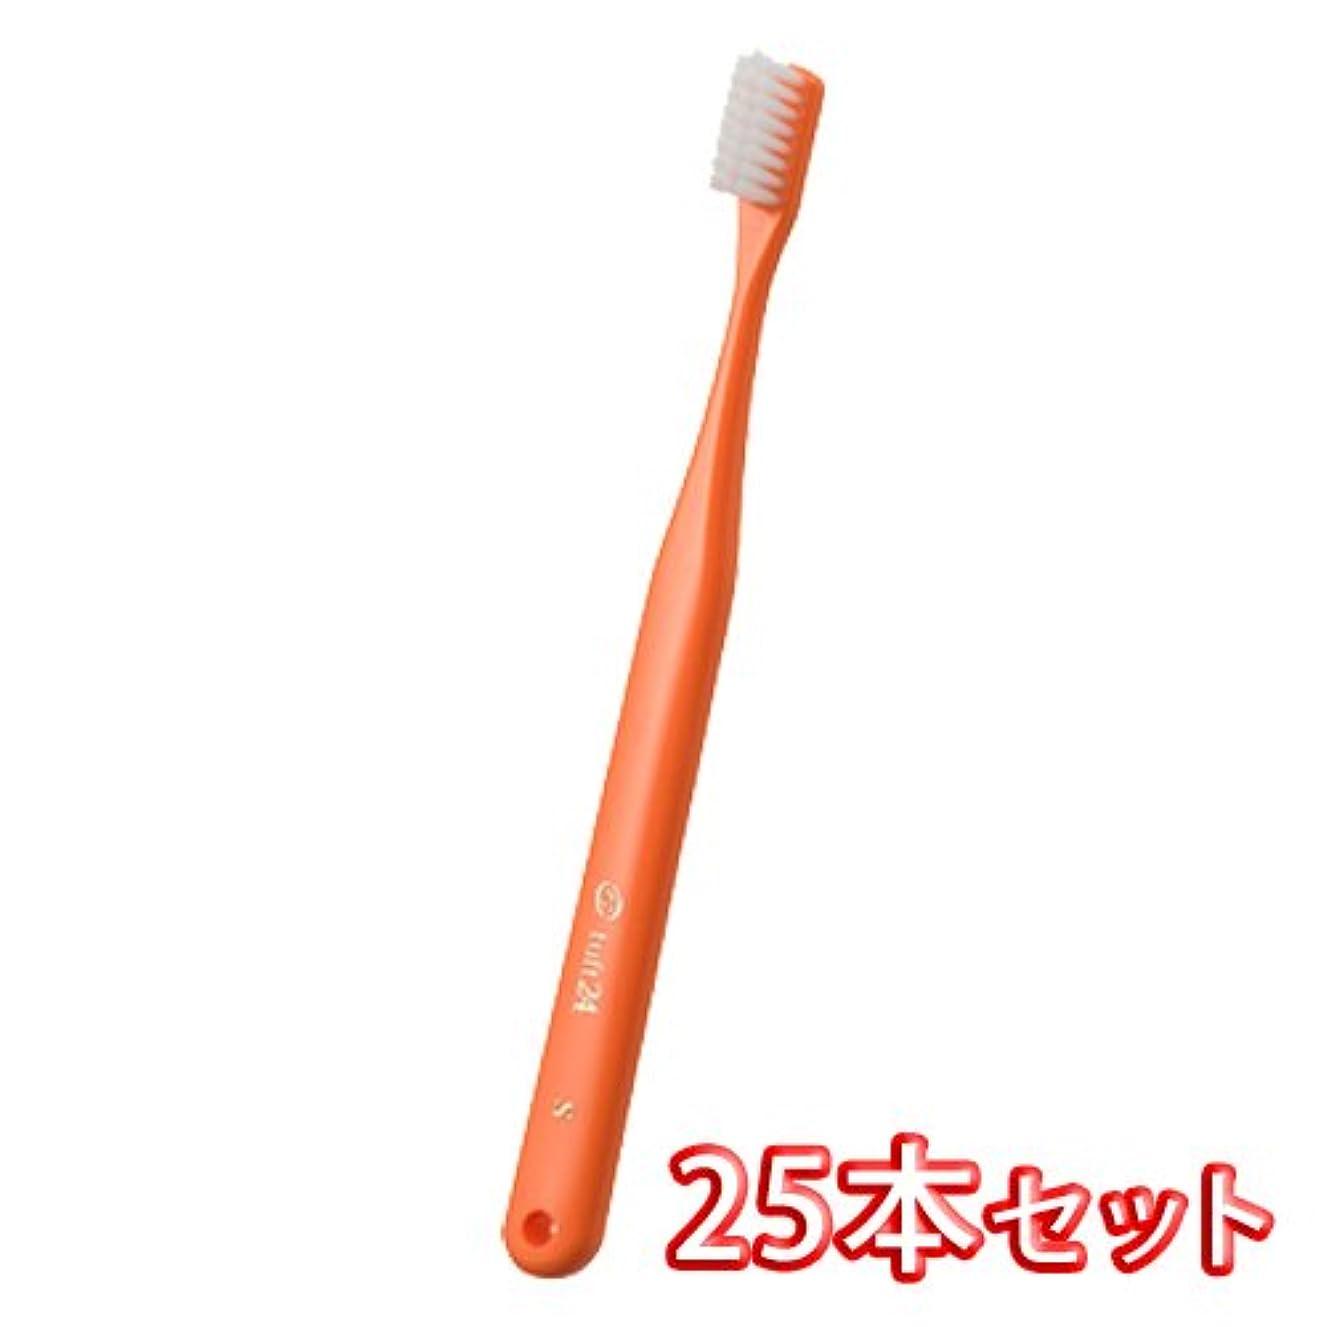 信念冷蔵庫恐れオーラルケア キャップ付き タフト 24 歯ブラシ 25本入 ミディアムハード MH (オレンジ)